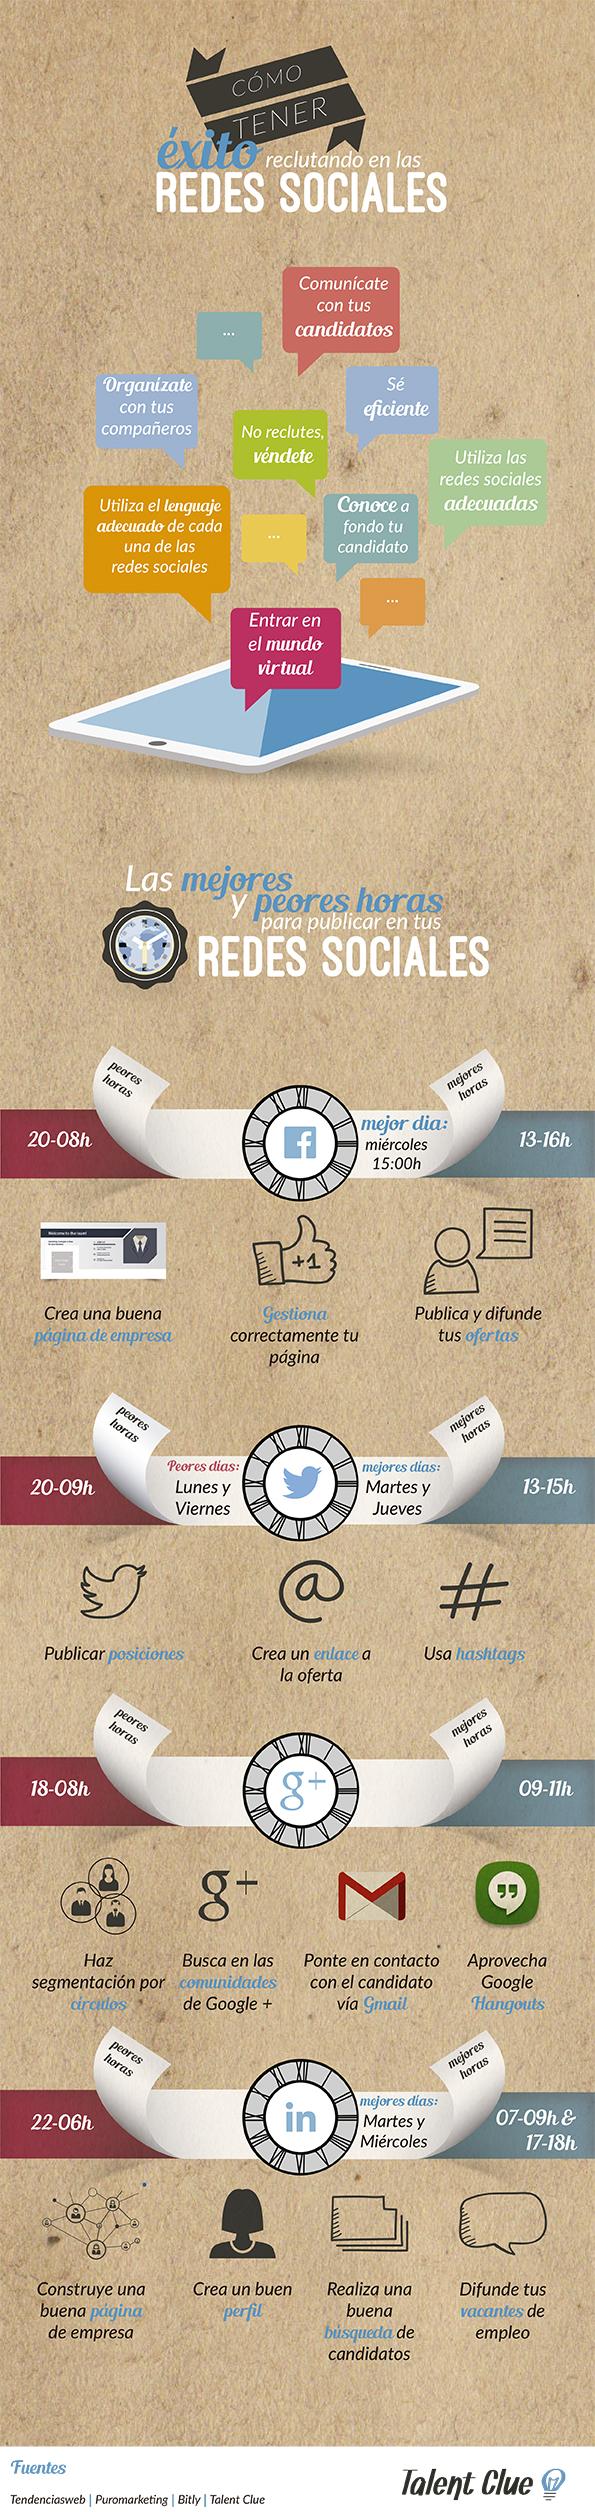 Descubre cómo tener éxito en las redes sociales con unos